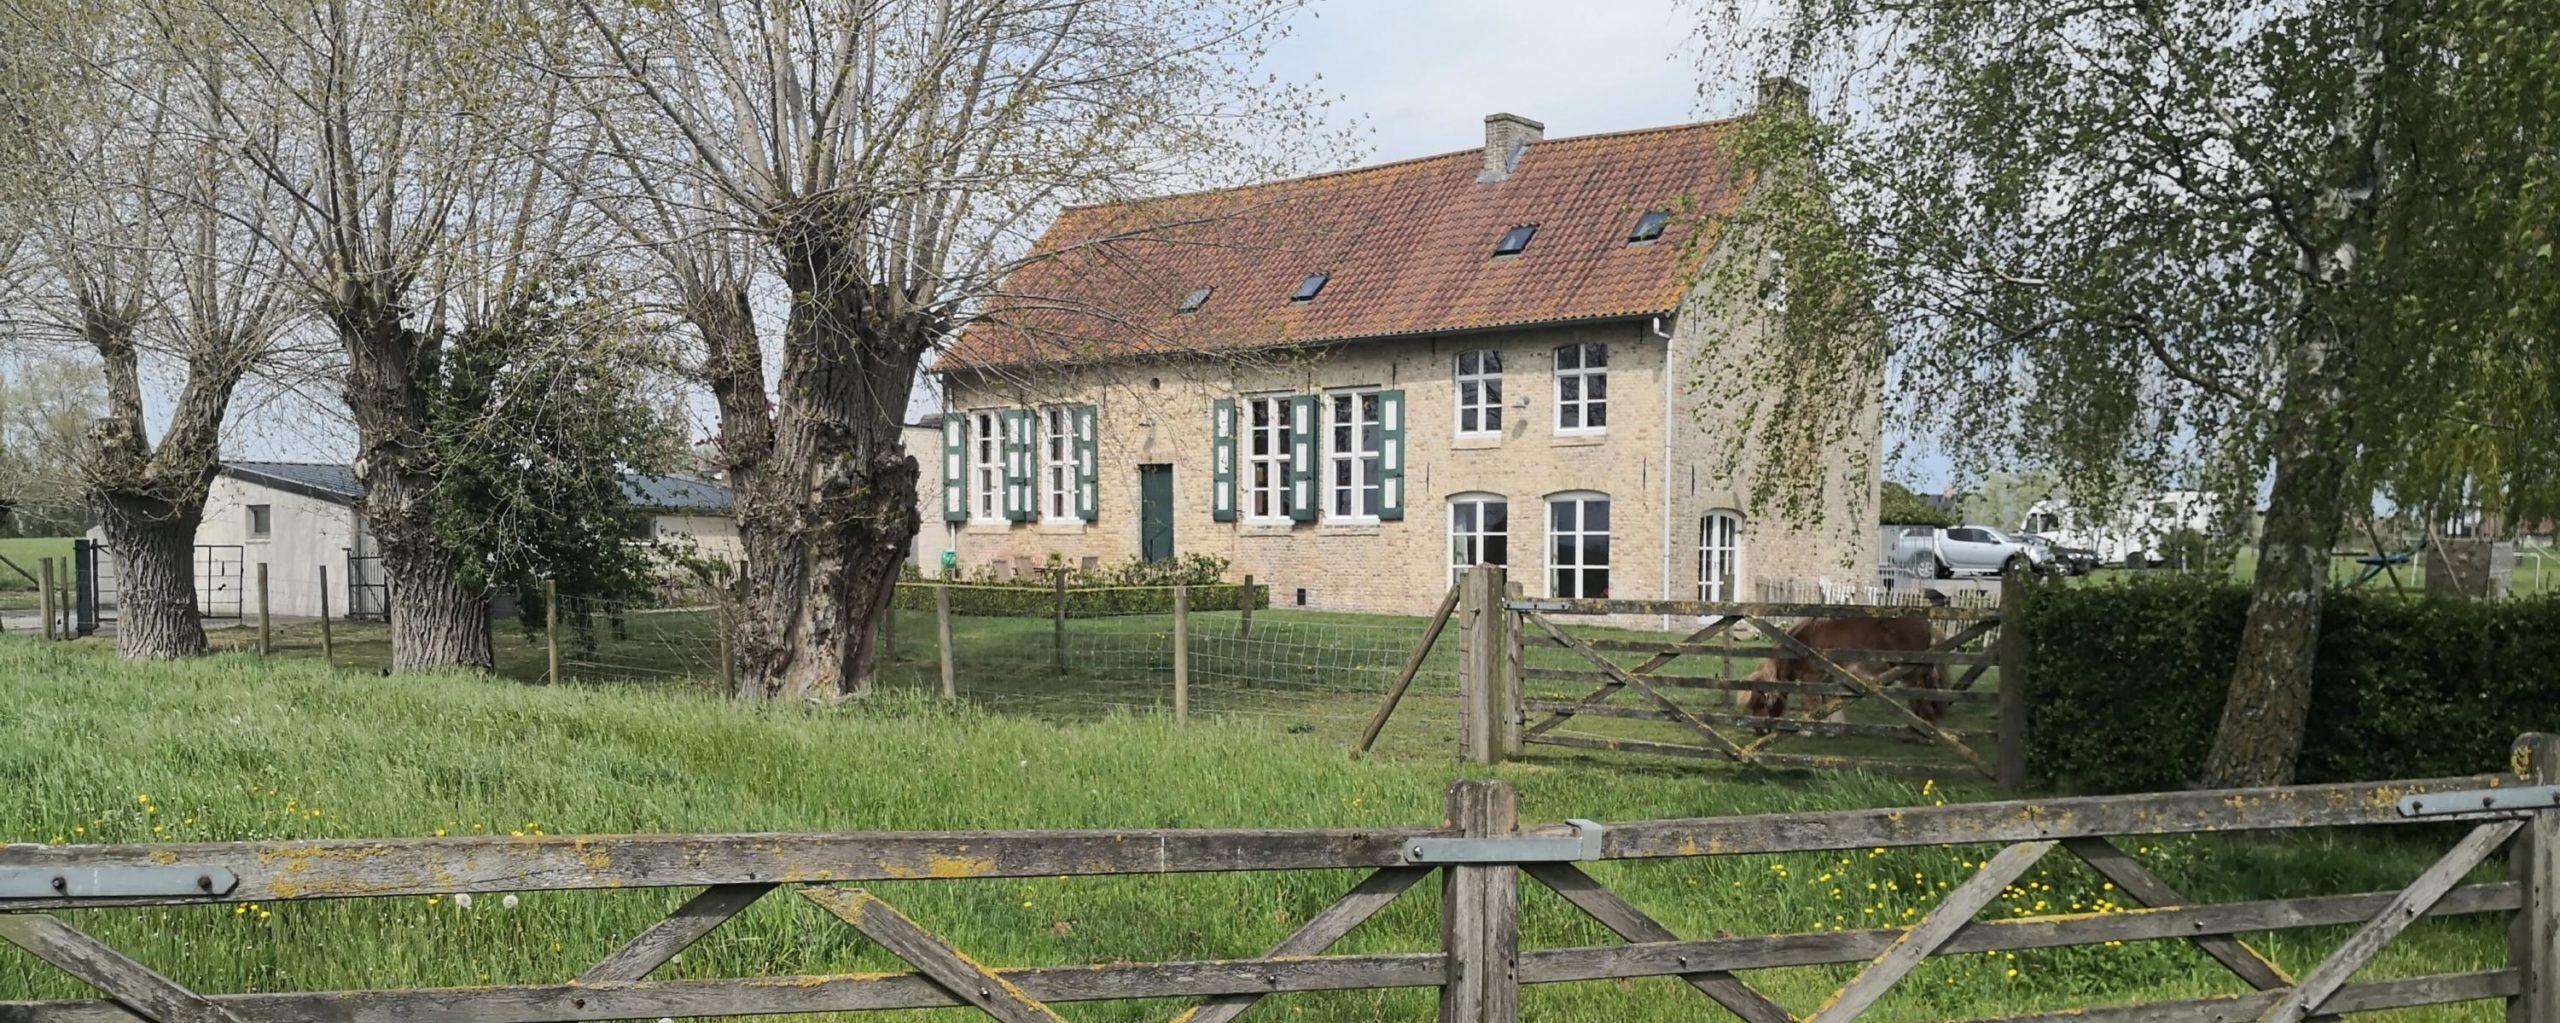 Pollinkhove ferme flamande avec pièce excavée